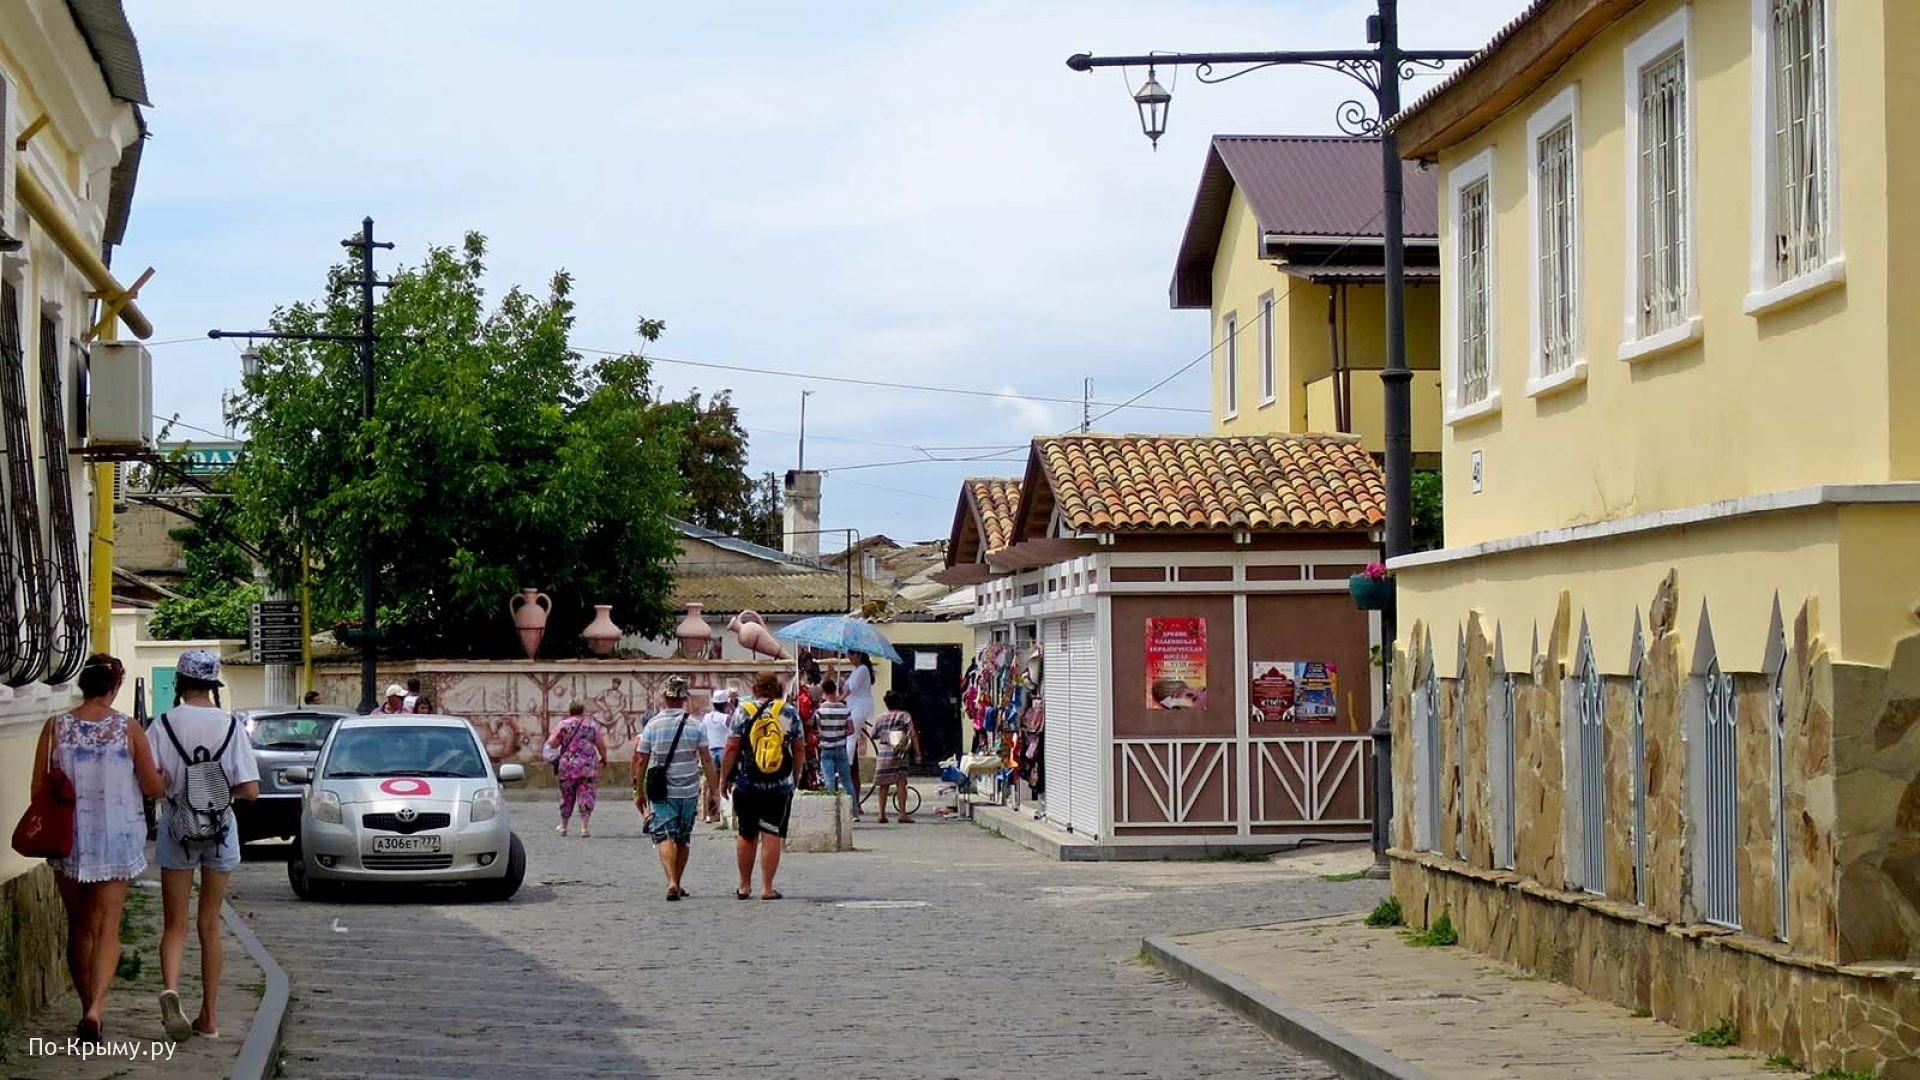 Прогулка по Старому городу Евпатории